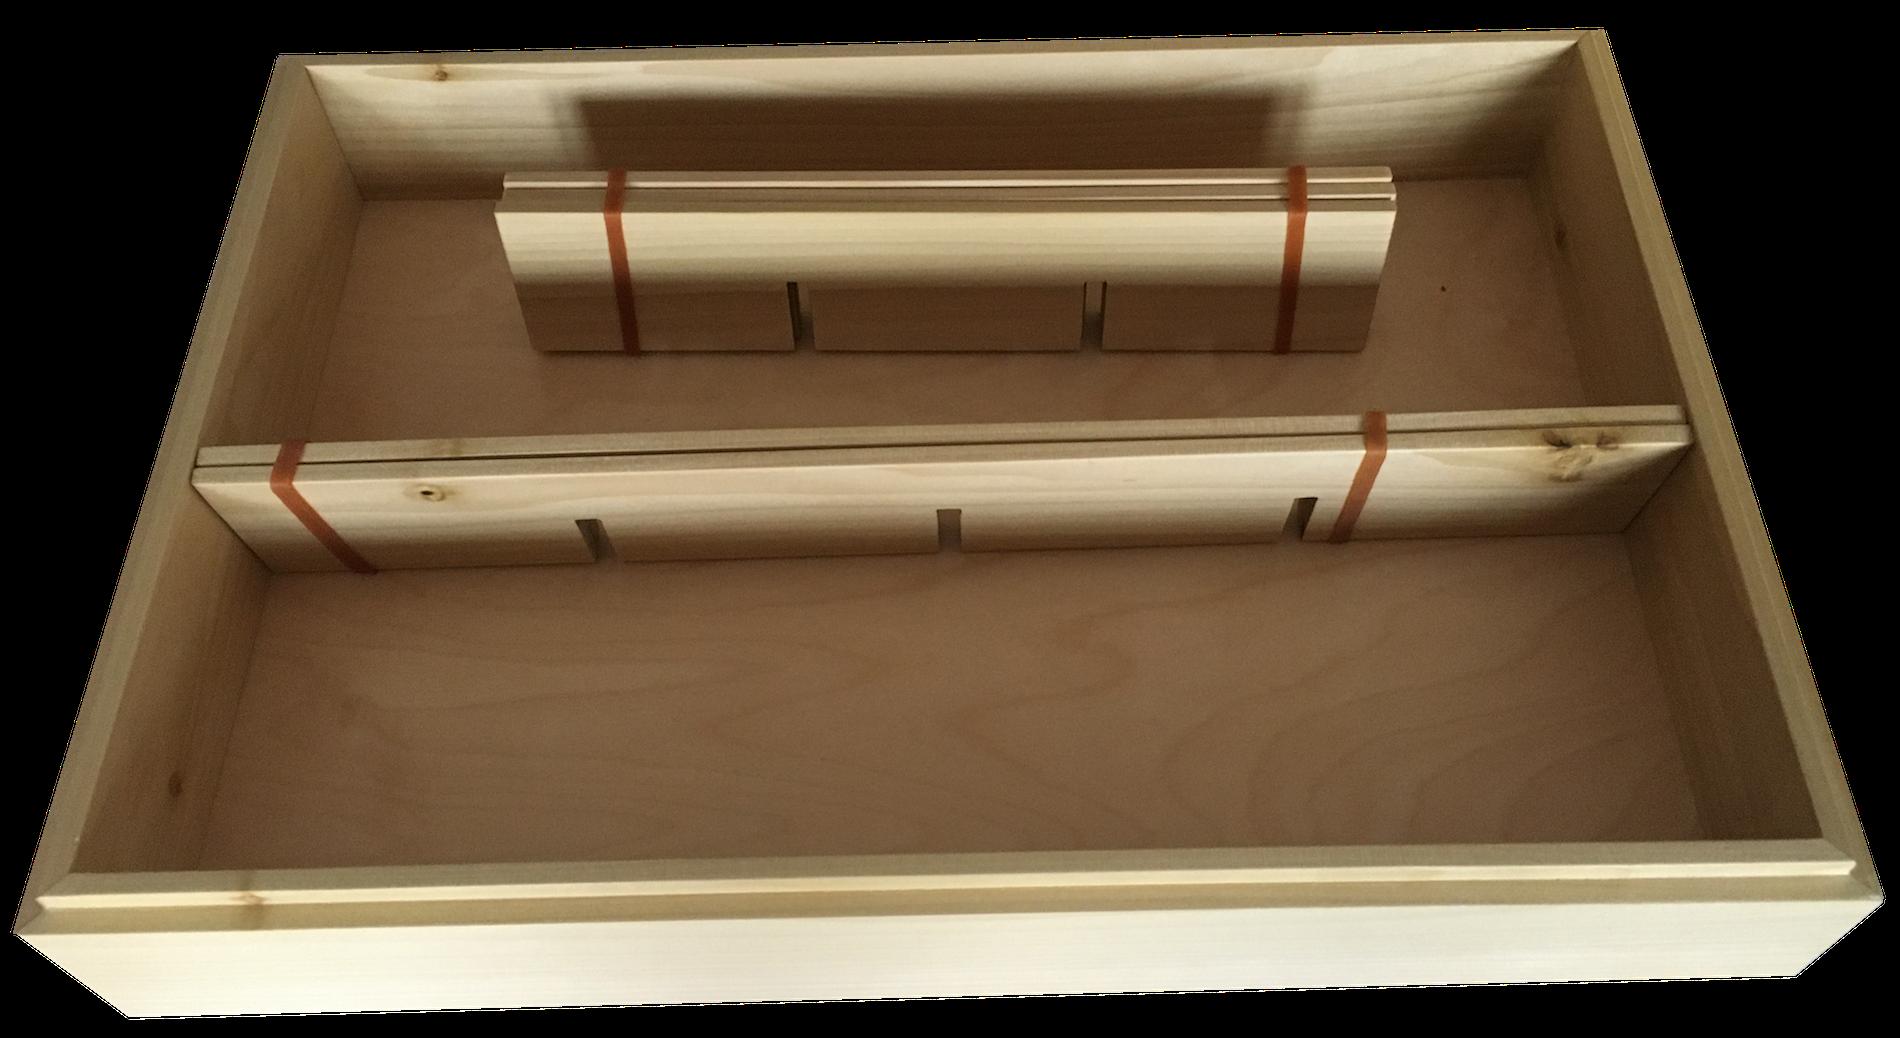 L'interno della scatola in cui arriva il tagliere, anch'essa in legno, riutilizzabile per molte cose in casa.